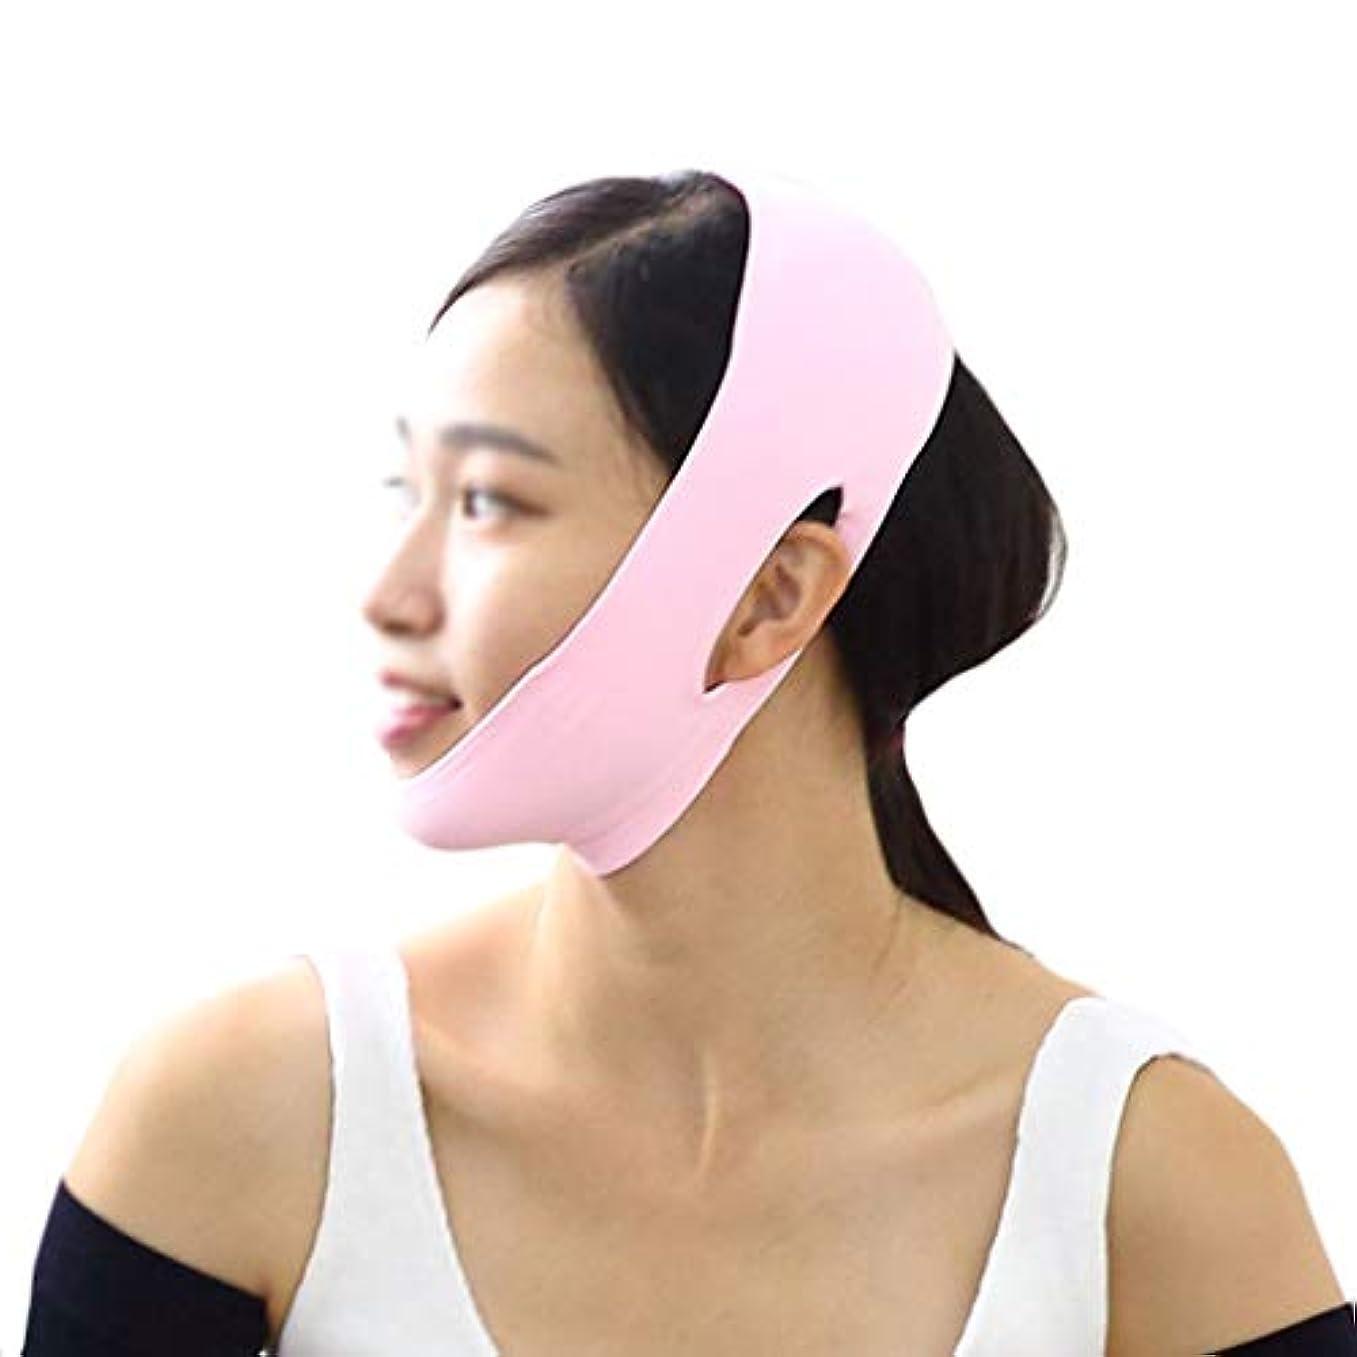 実業家とげのある役に立つXHLMRMJ マスク包帯、法令二重あご、フェイシャルライン、あご吊り上げストラップ、フェイスリフトベルト(ワンサイズ、ピンク)